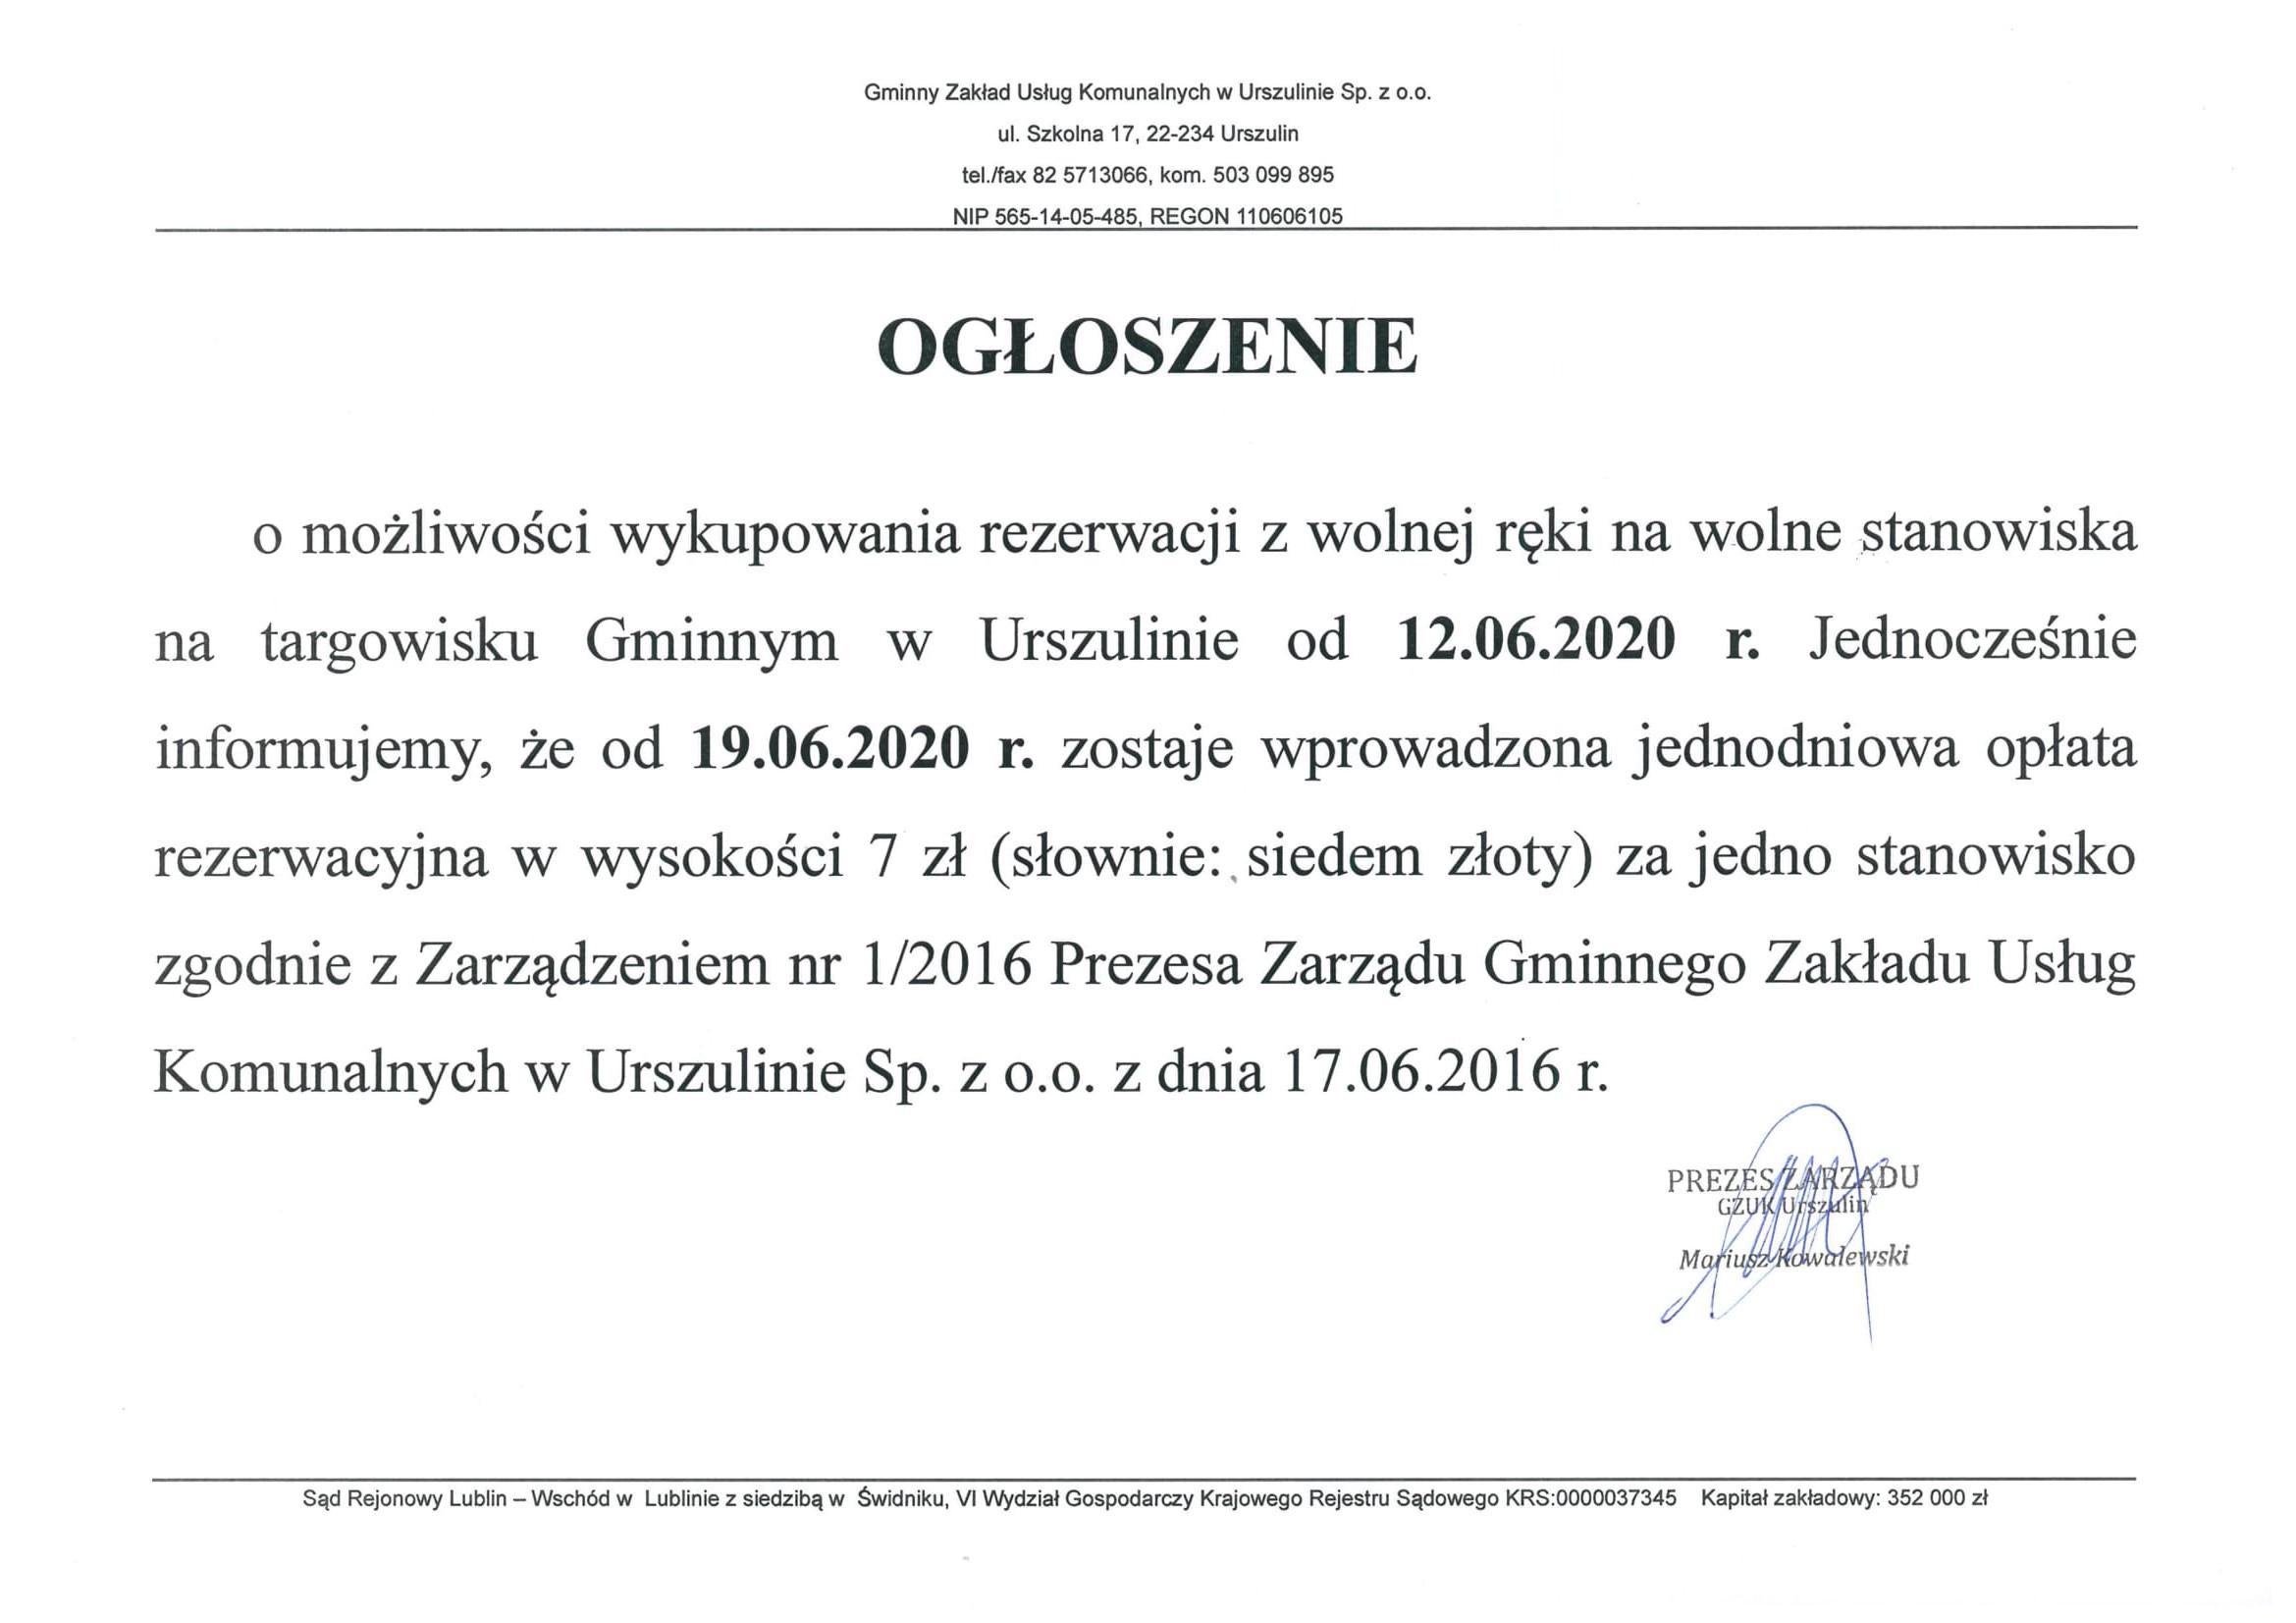 Ogłoszenie - wolne stanowiska na targowisku gminnym